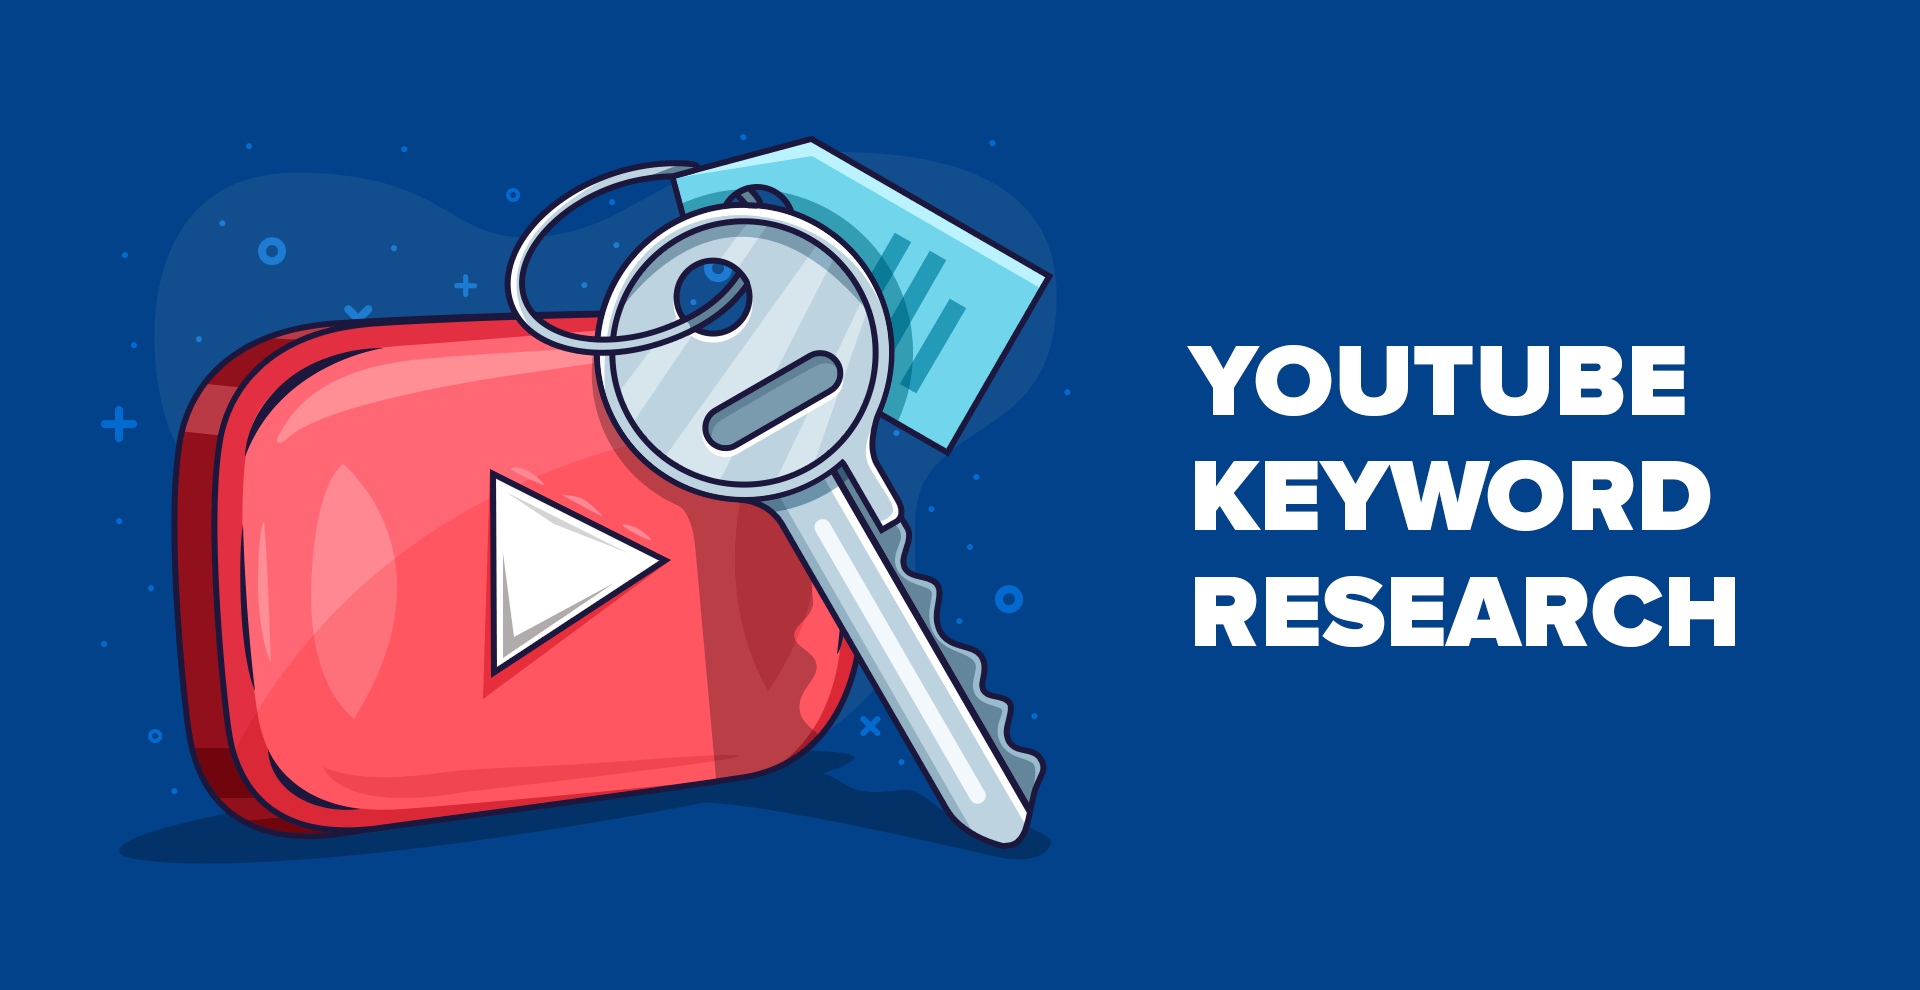 Comment faire une recherche de mots clés sur YouTube en 3 étapes faciles